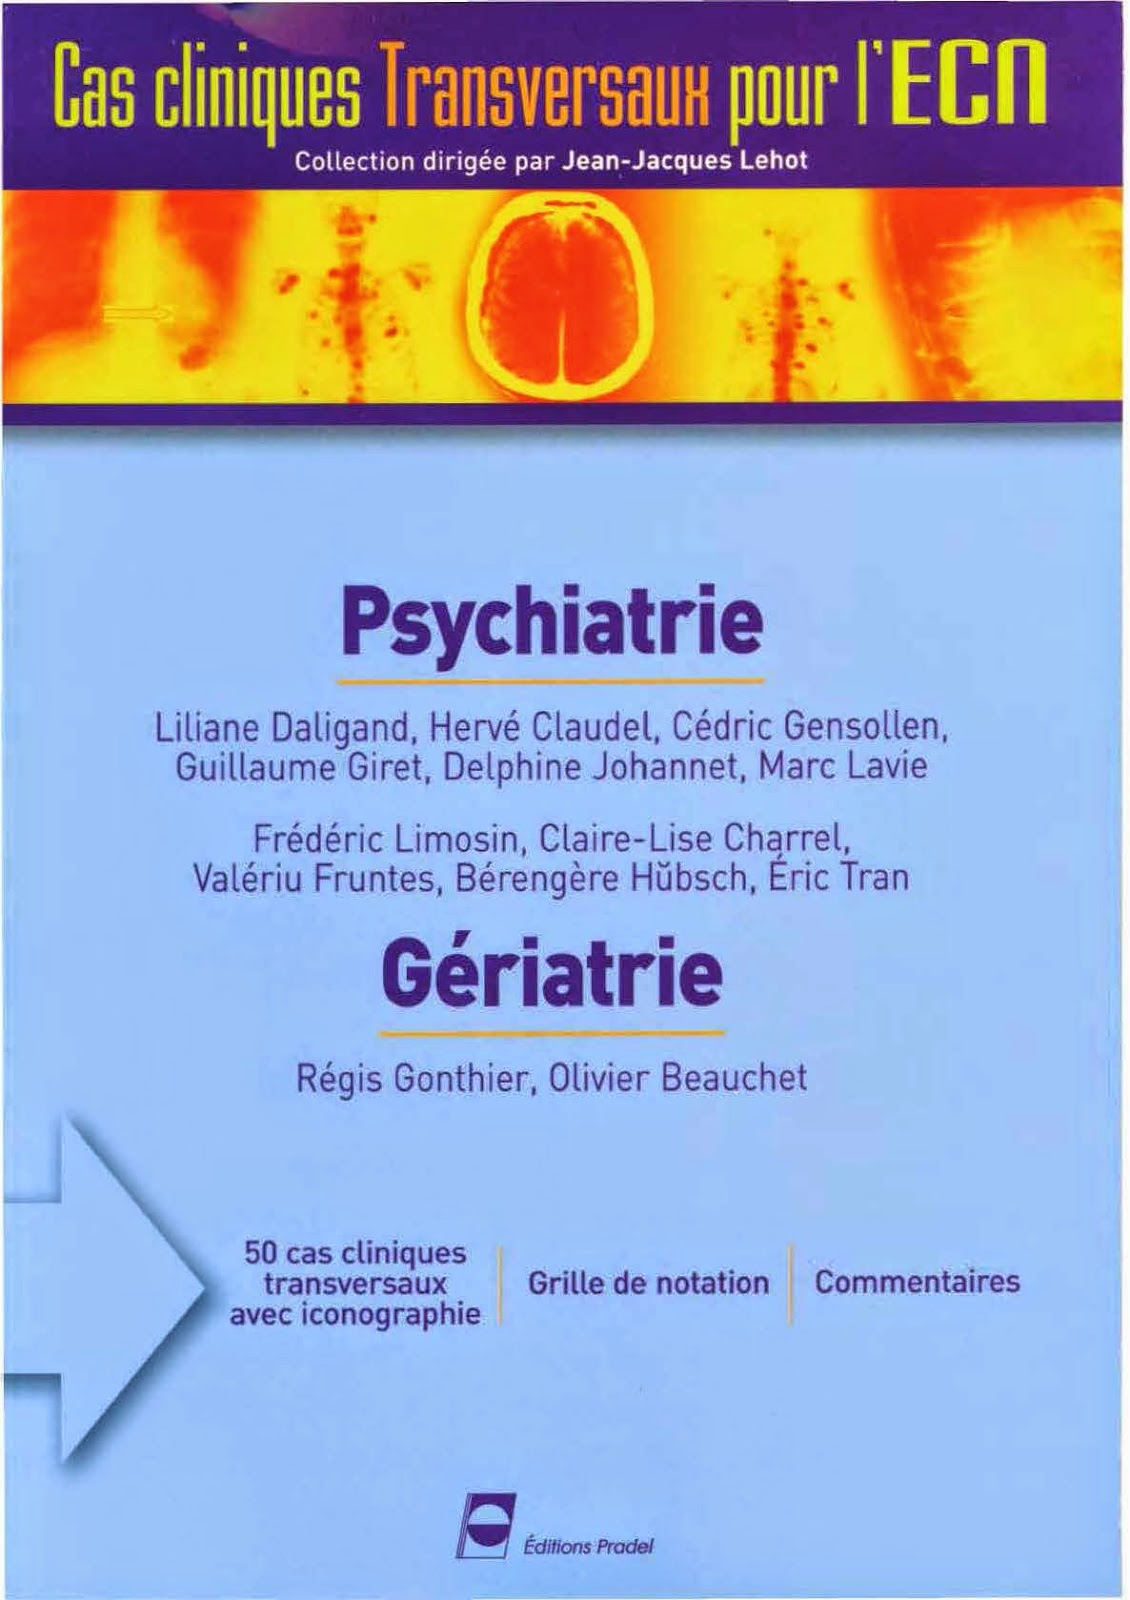 Psychiatrie, Gériatrie - Cas Cliniques transversaux pour l'ECN - Editions PRADEL